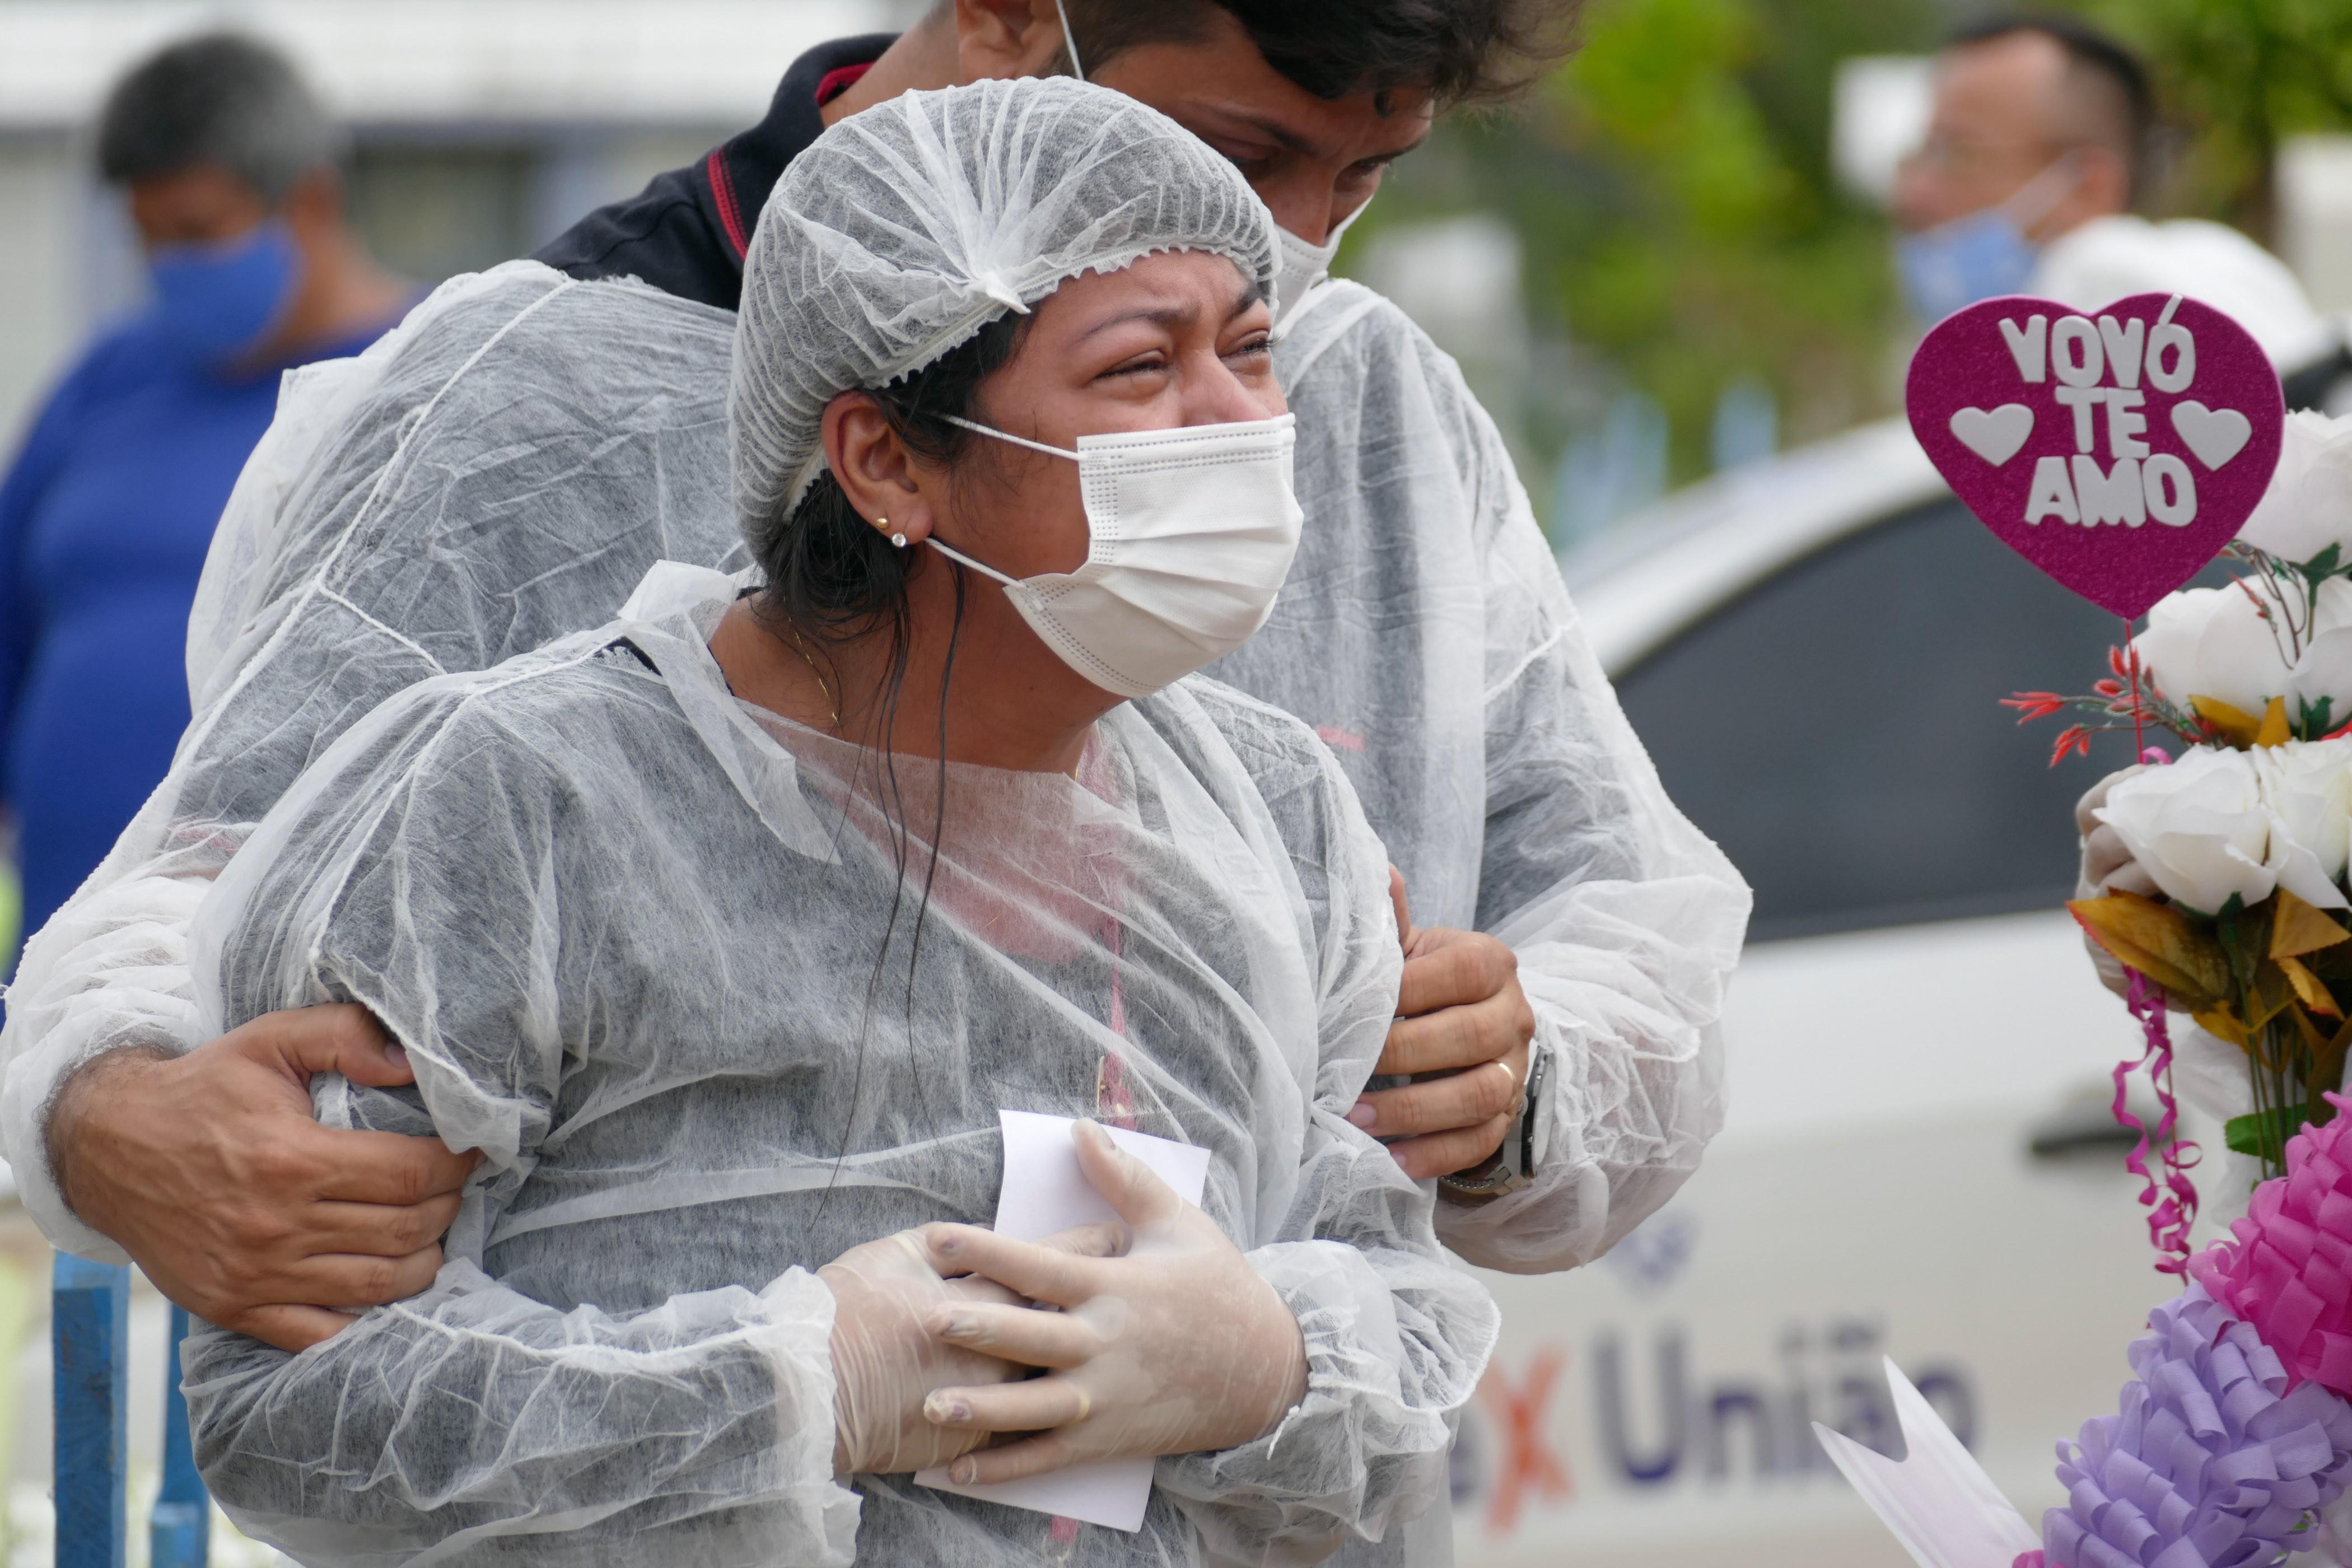 Três dias antes do colapso em Manaus, empresa pediu apoio logístico ao Ministério da Saúde para envio de oxigênio